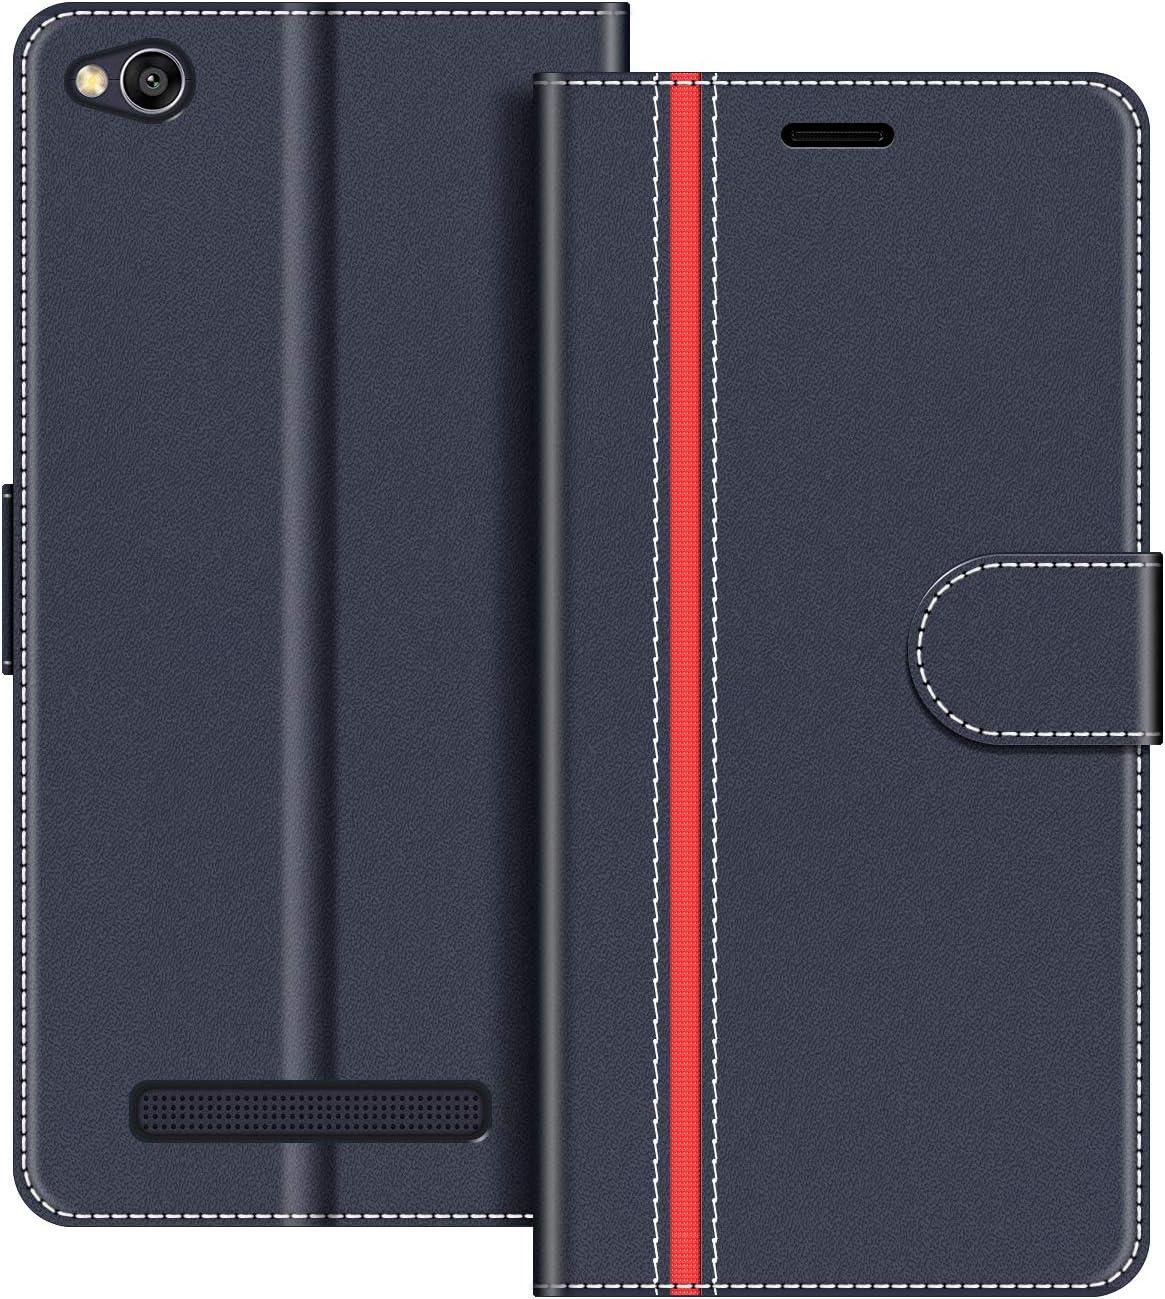 COODIO Funda Xiaomi Redmi 4A con Tapa, Funda Movil Xiaomi Redmi 4A ...